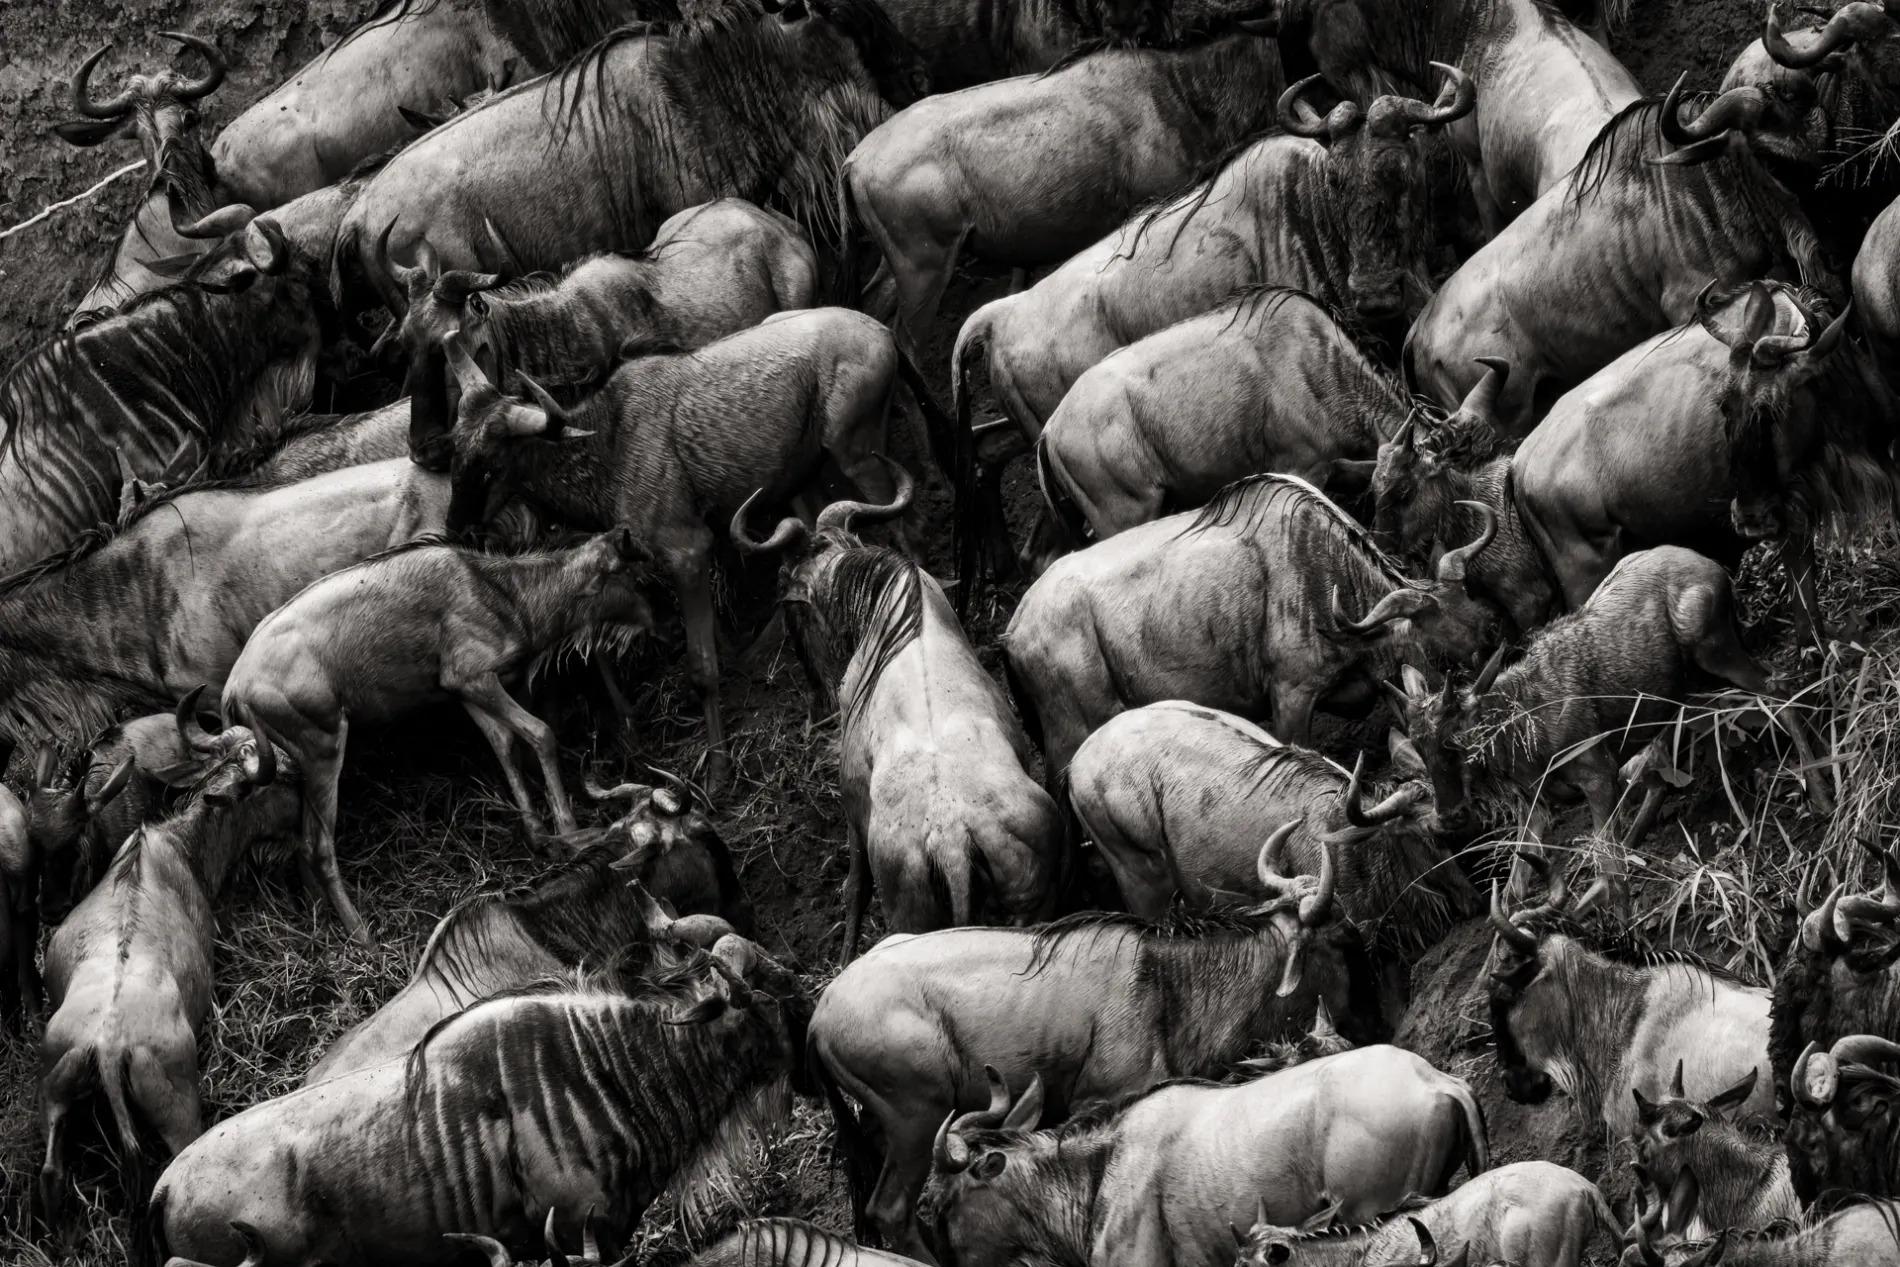 Wildebeest bodies BW